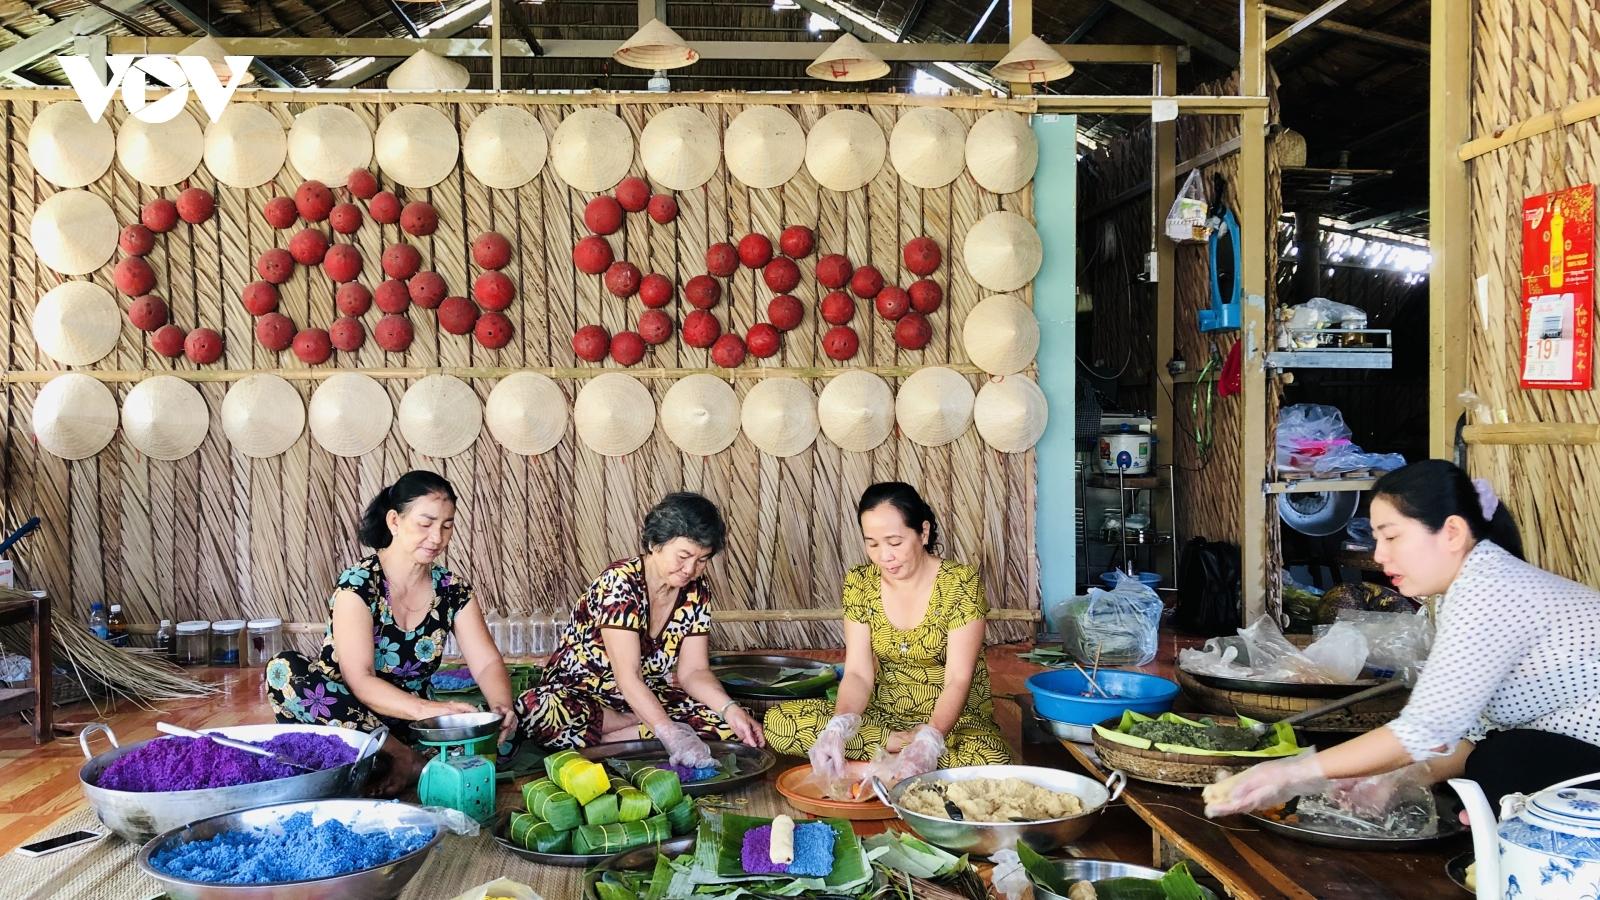 Du lịch Cồn Sơn - Lưu giữ hương vị Tết xưa